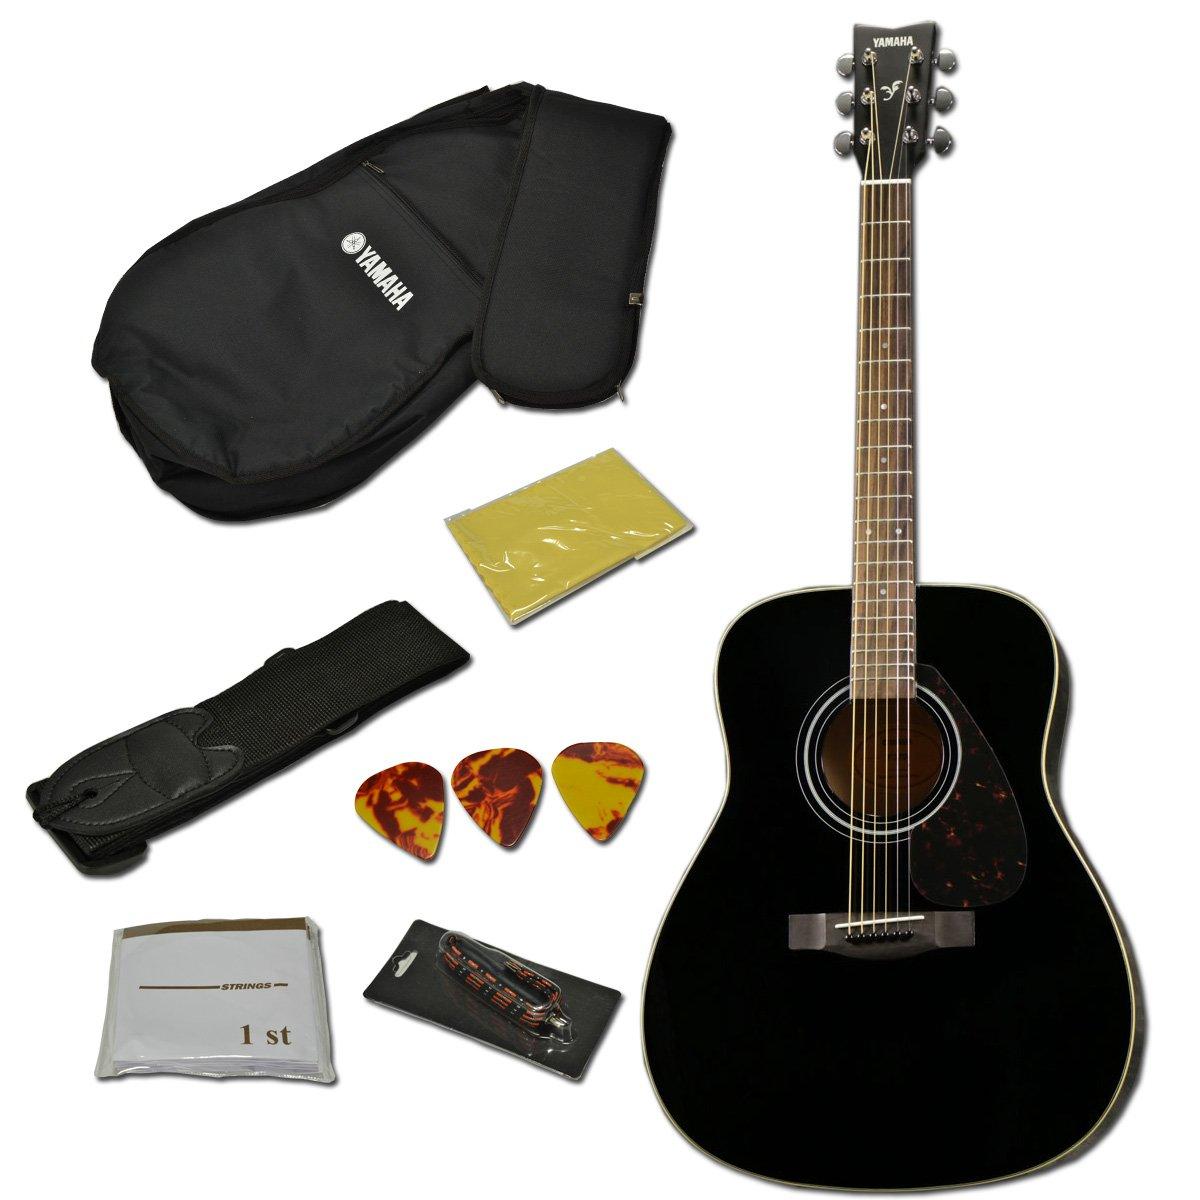 YAMAHA/F370 BL ヤマハ アコースティックギター 入門 初心者 F-370 B01MTLL81L